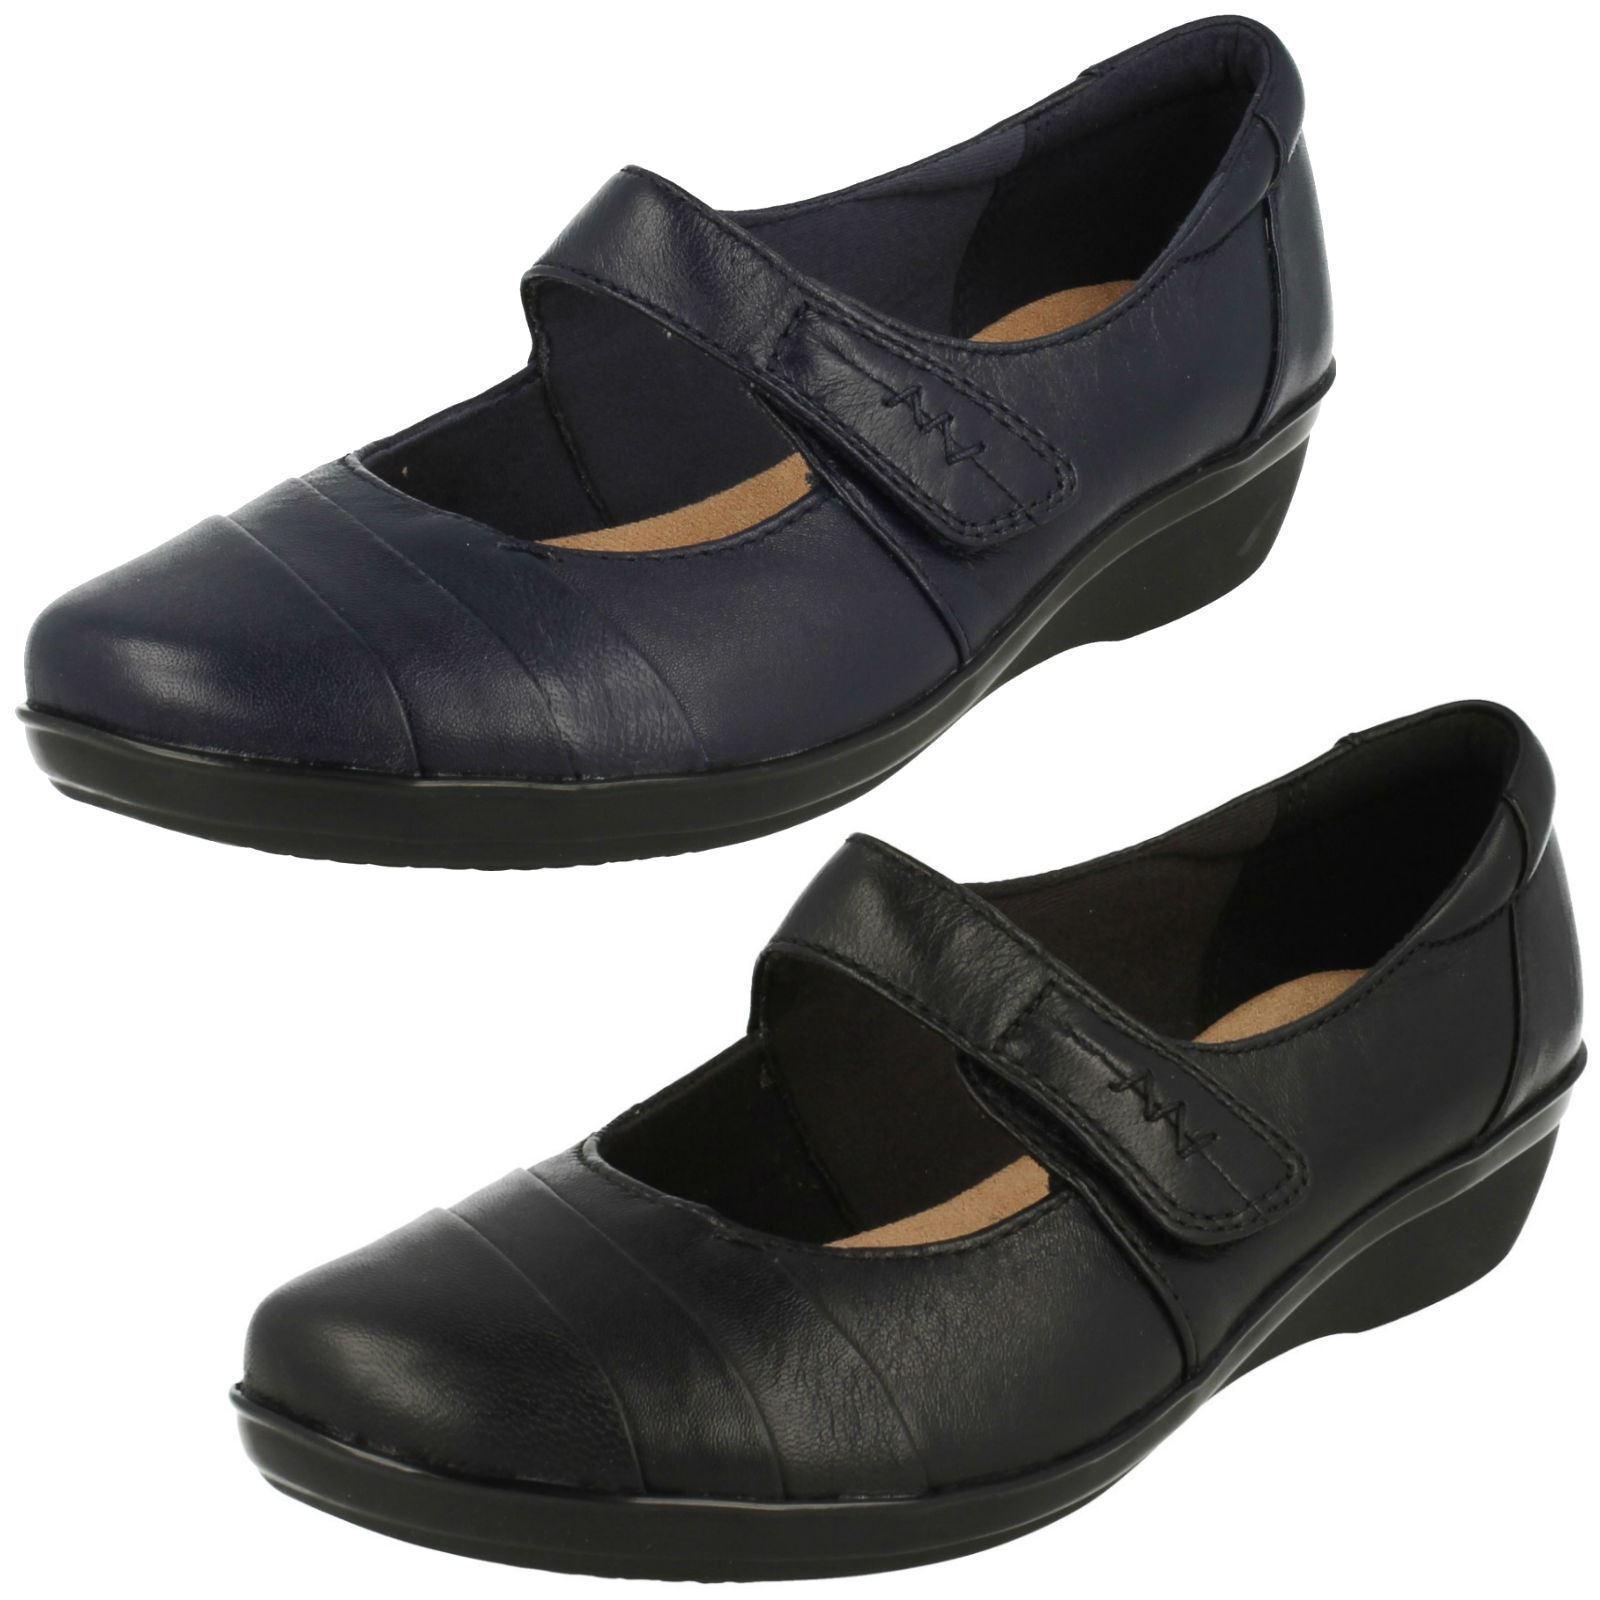 Damen Everlay Kennon Schwarz / Marineblau Leder Freizeit Schuhe von Clarks